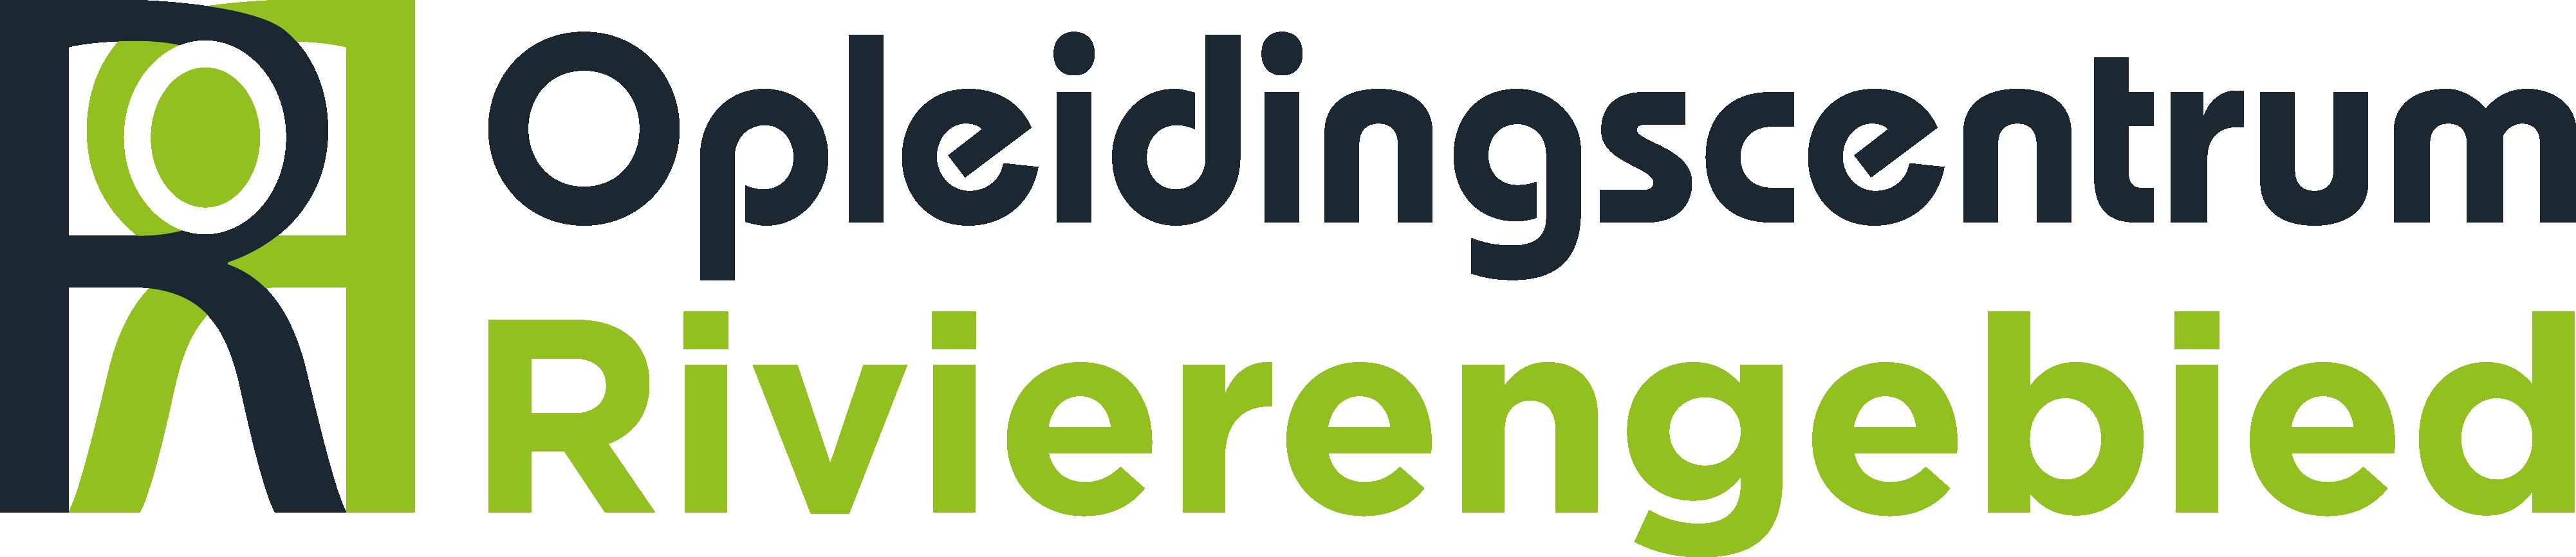 Opleidingscentrum Rivierengebied Logo